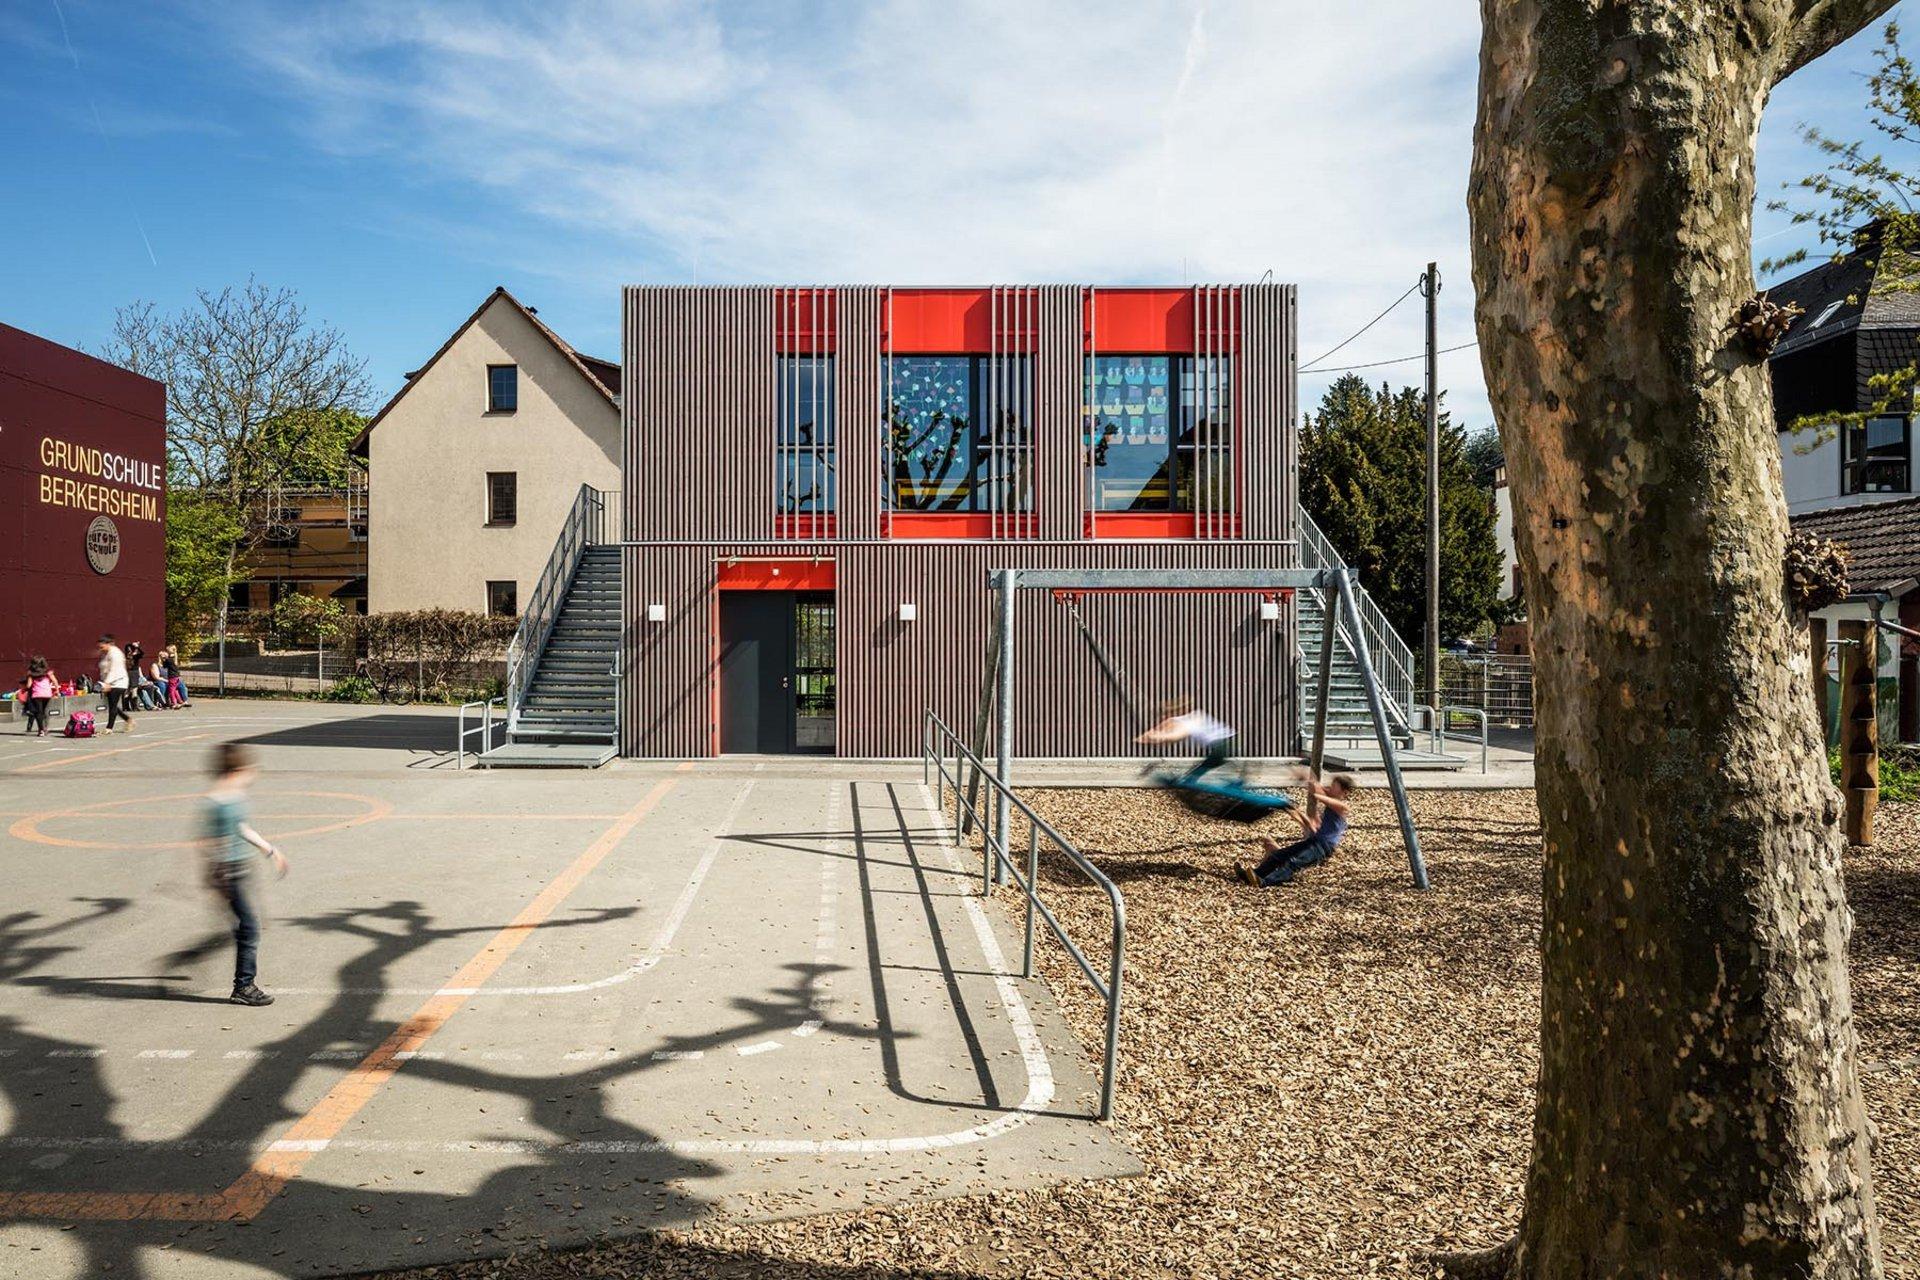 2-geschossiges Schulgebäude in Holz-Modulbauweise